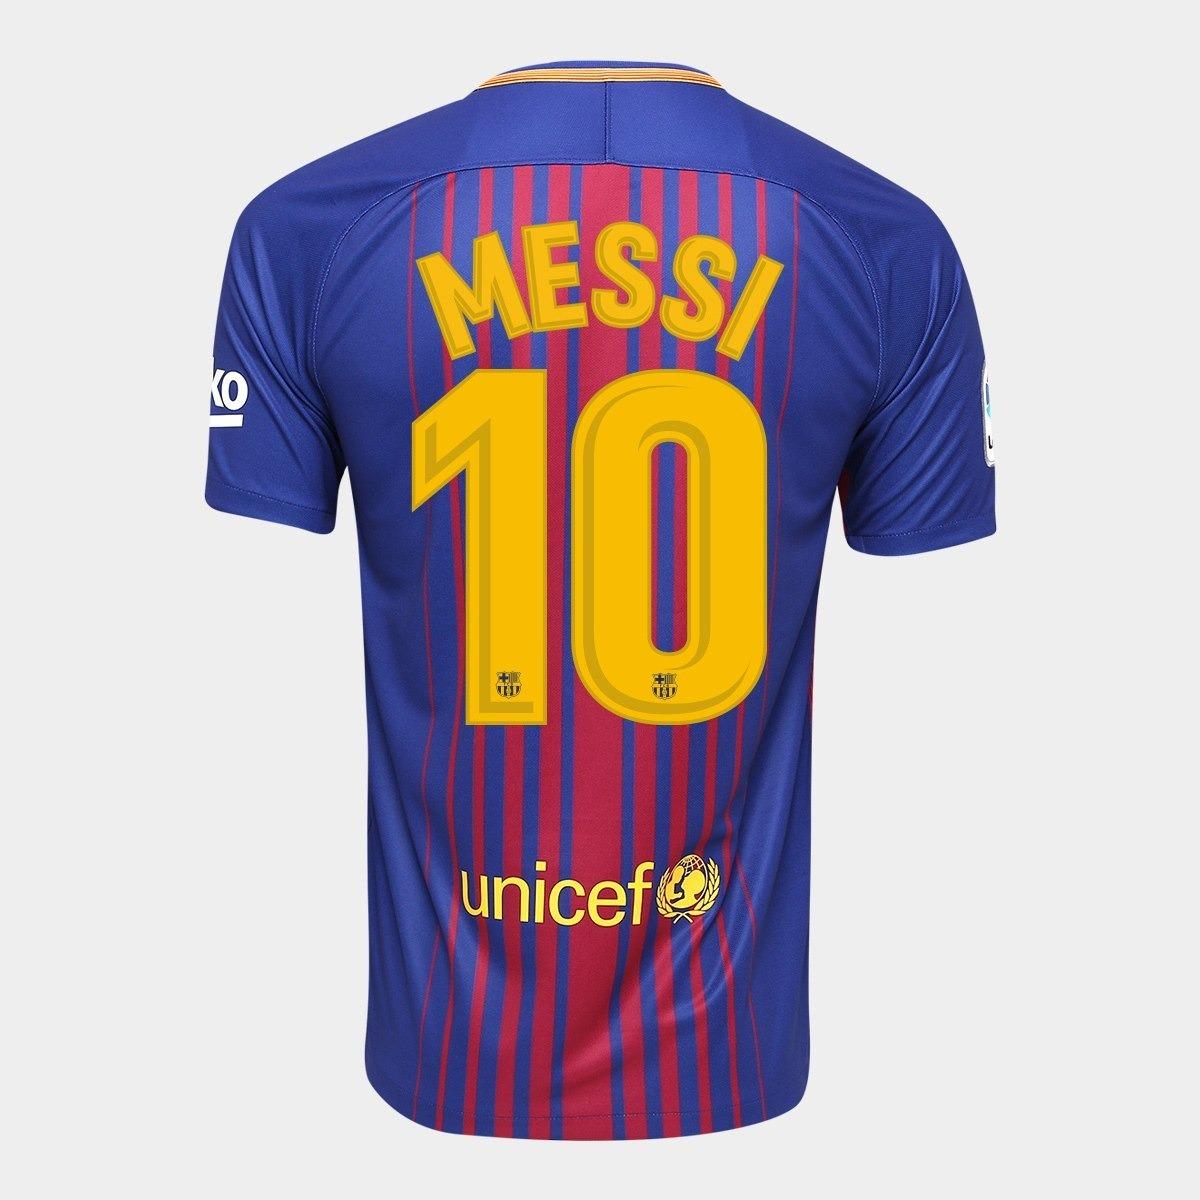 b60ec2fe4399e camisa barcelona 17 18 messi 10 torcedor promoção relâmpago. Carregando  zoom.